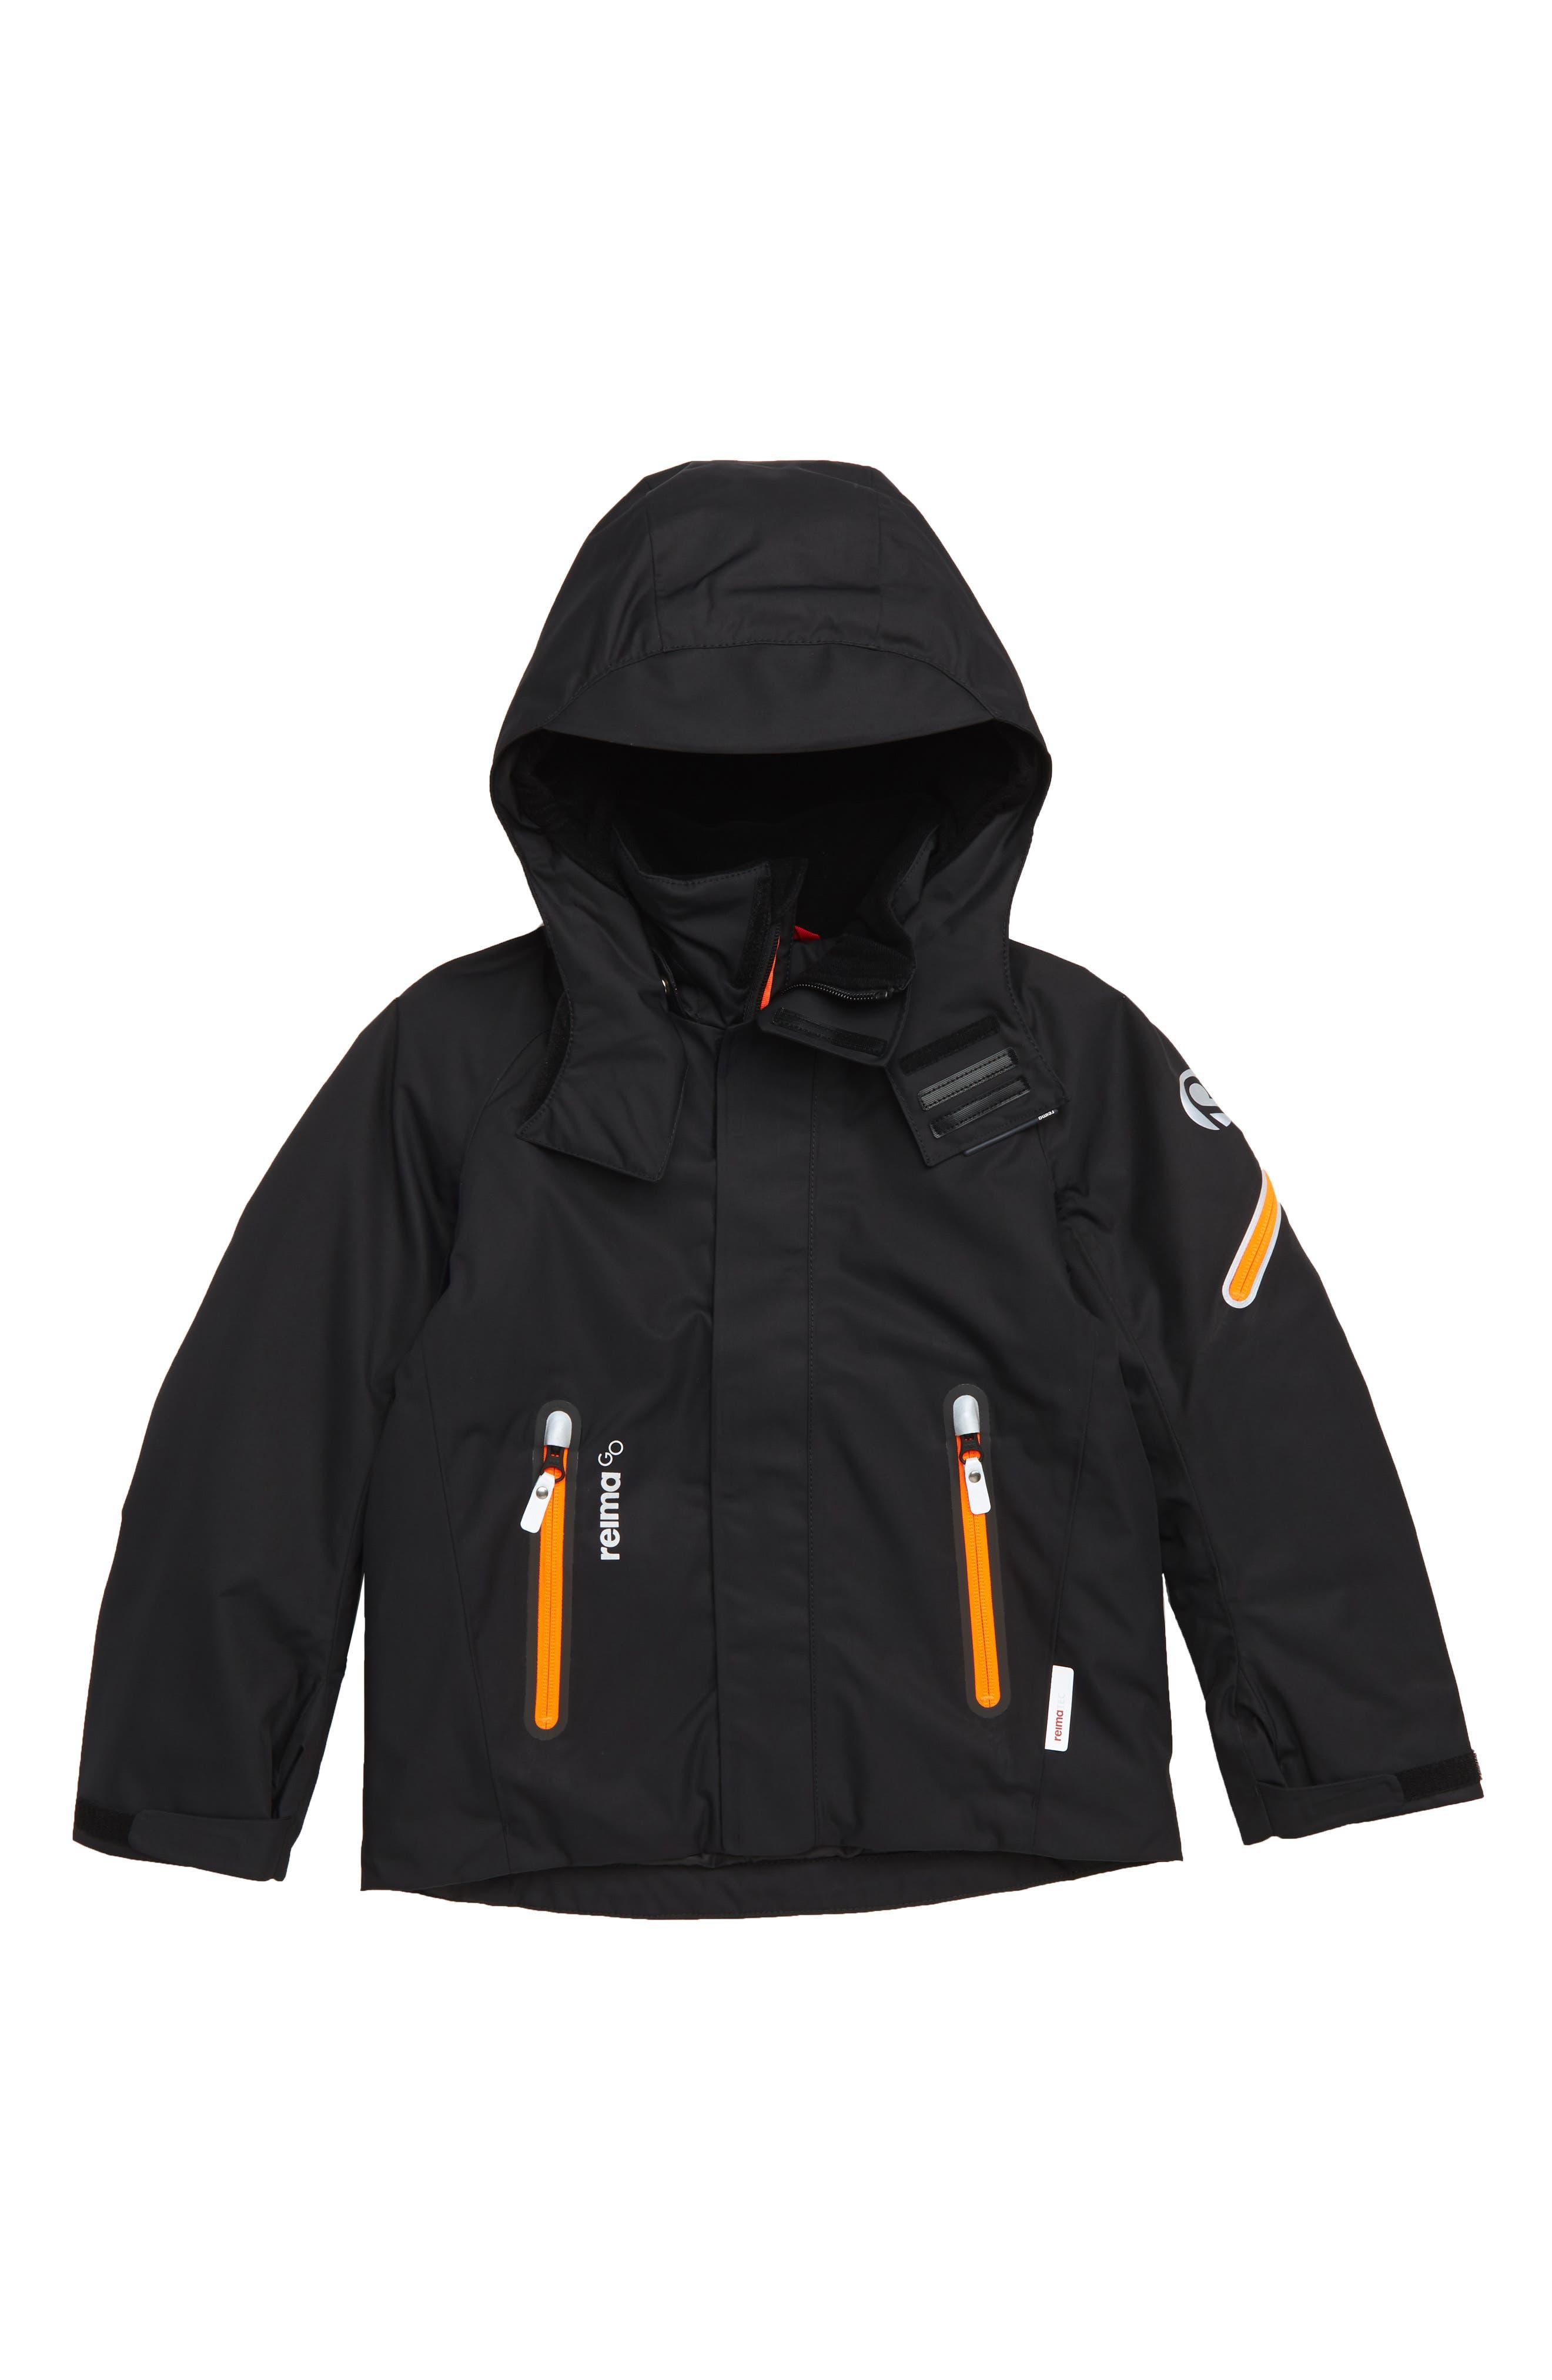 Regor Reimatec<sup>®</sup> Waterproof & Windproof Hooded Jacket,                             Main thumbnail 1, color,                             BLACK